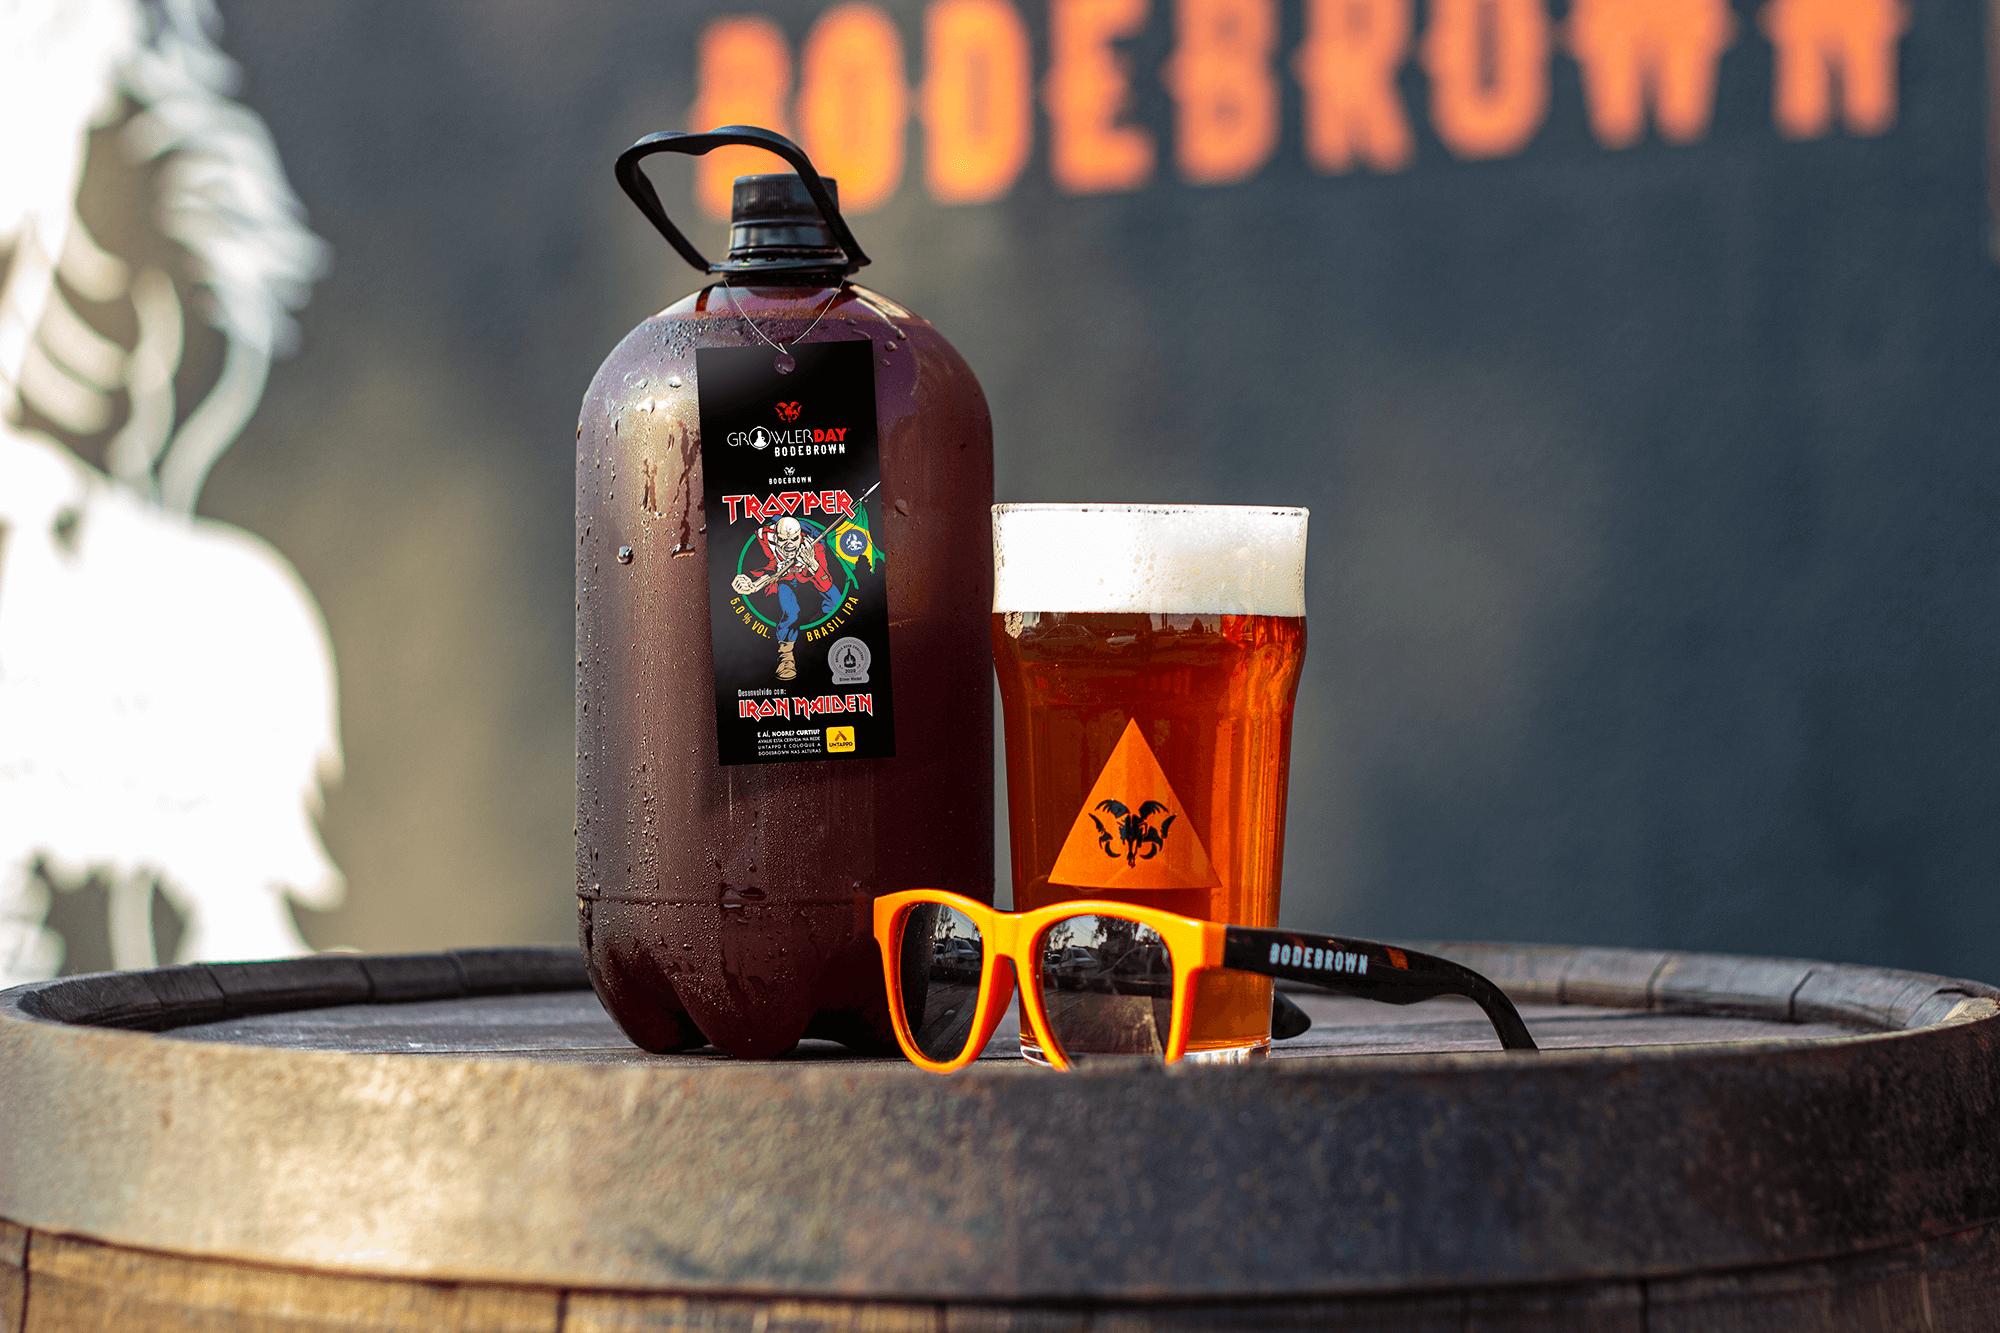 Cerveja e growler com copo de cerveja